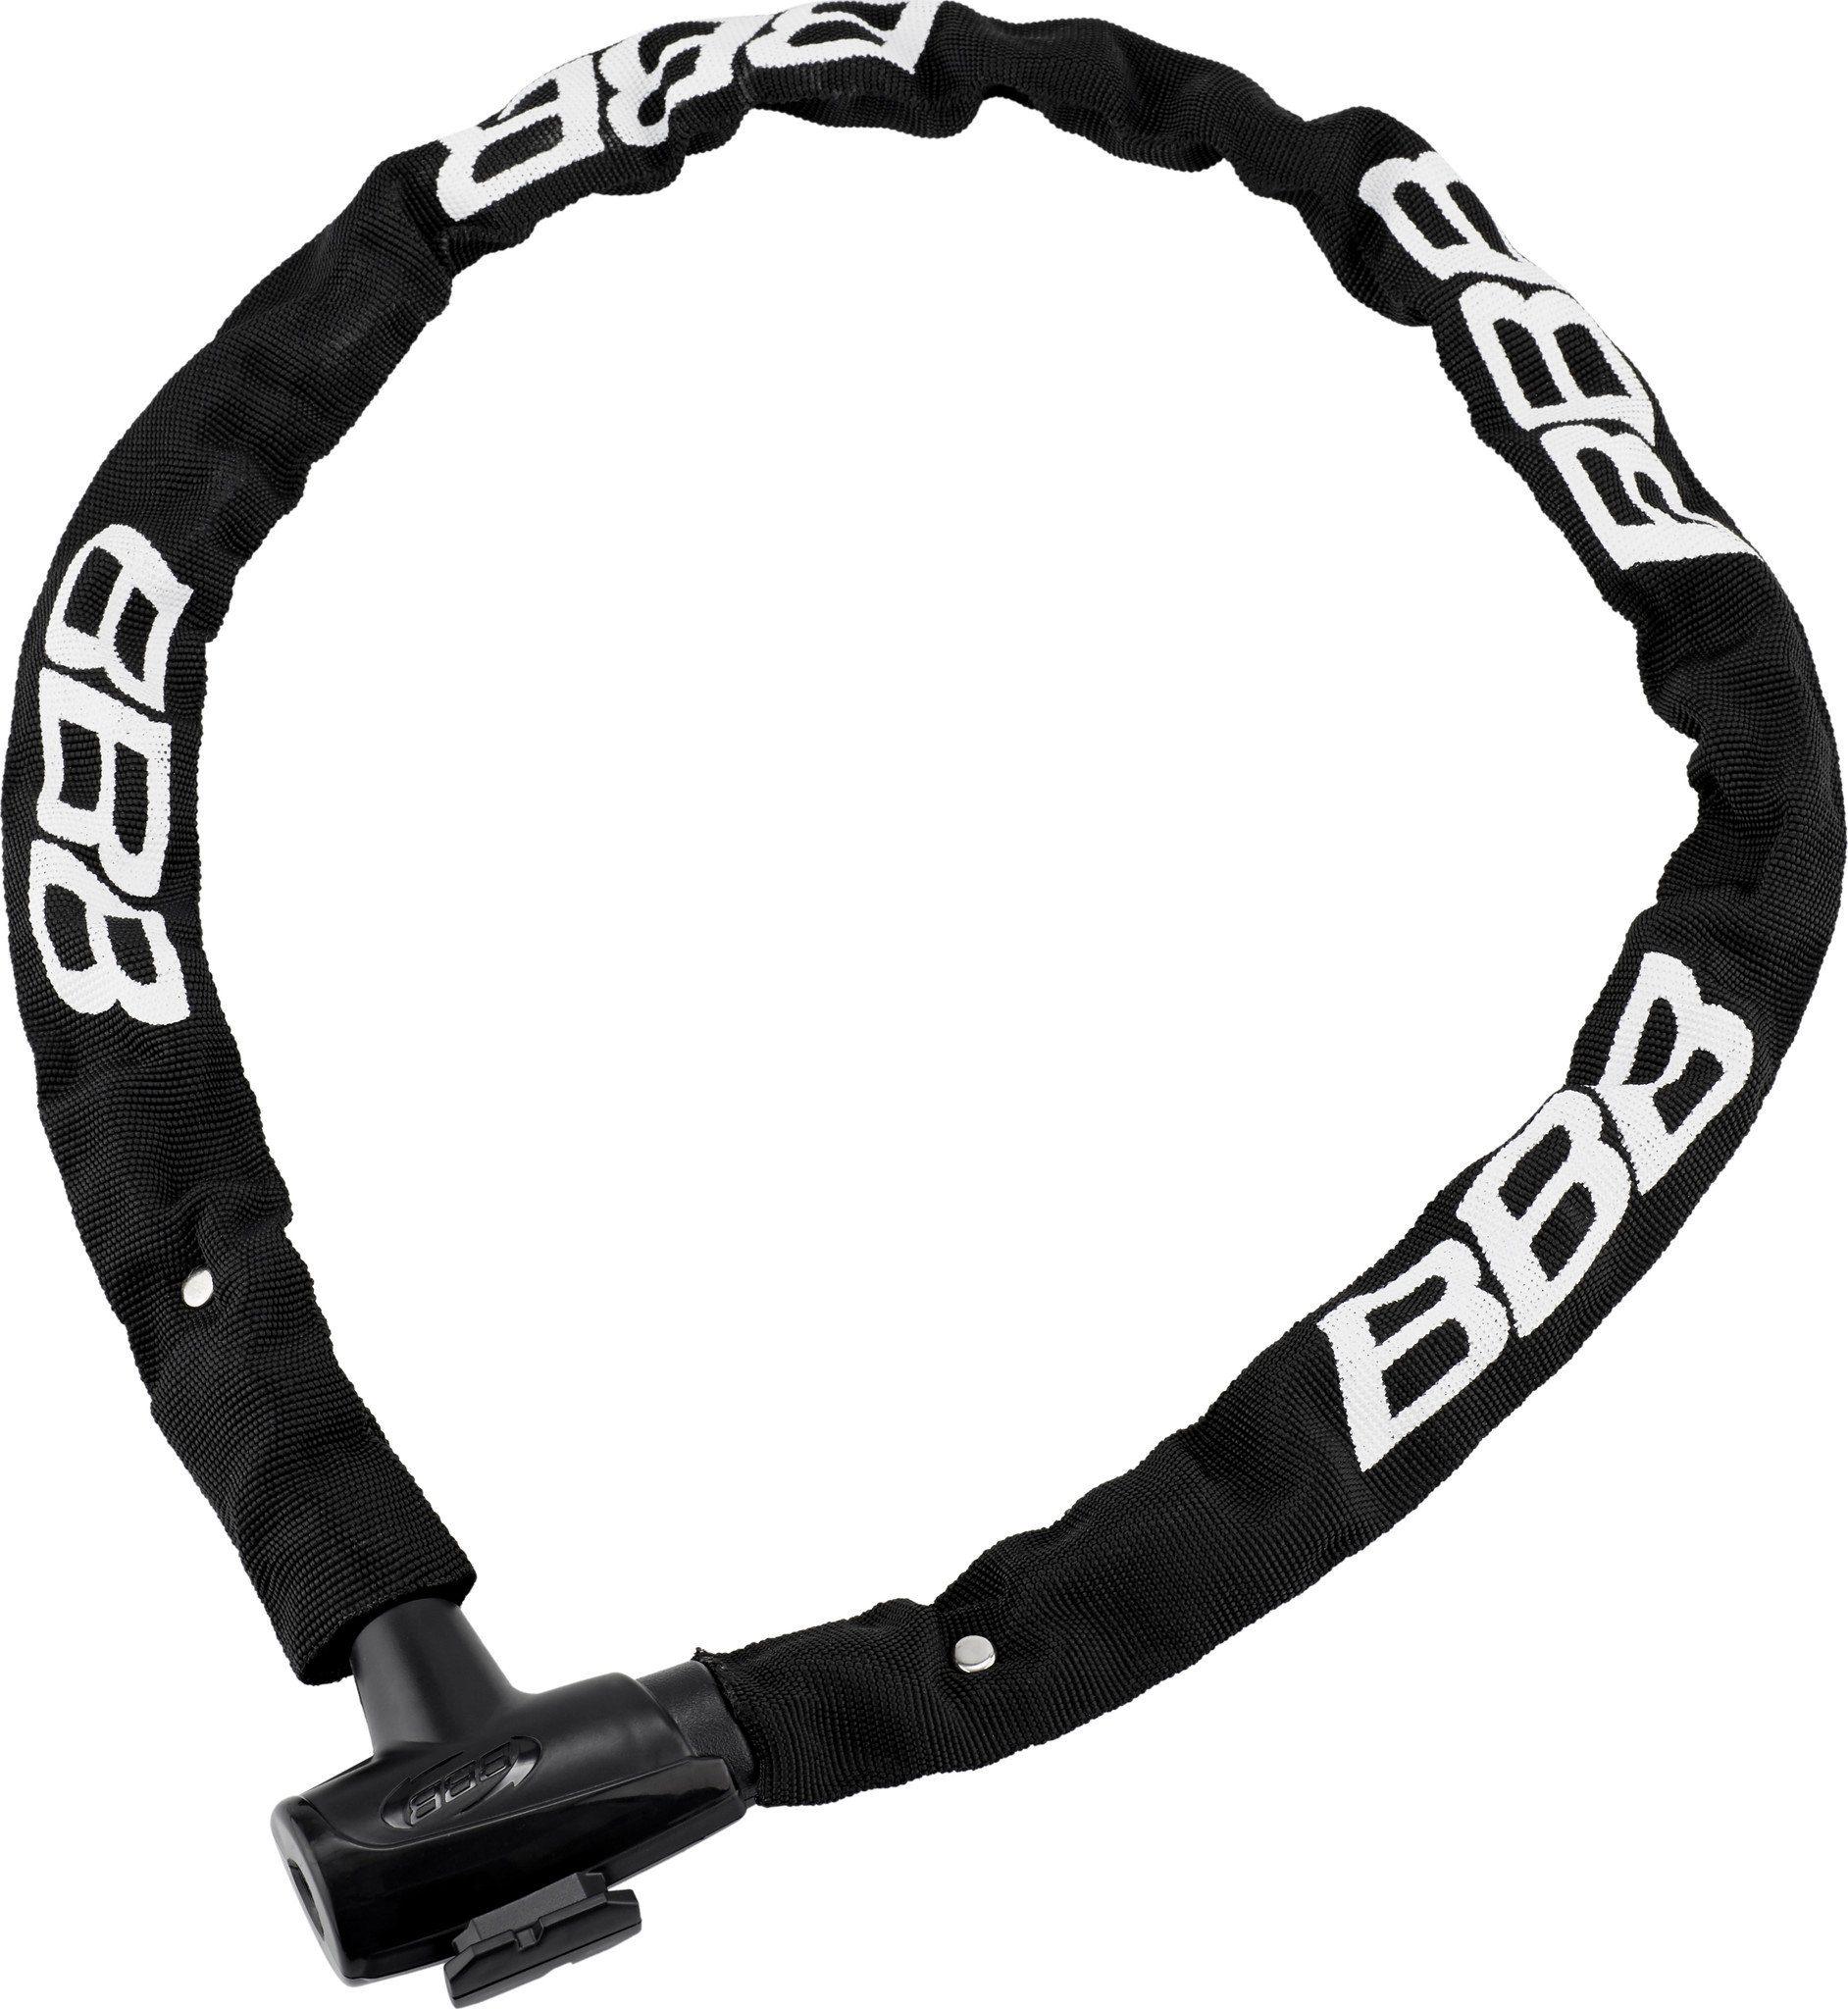 BBB Fahrradschloss »PowerLink BBL-48 Fahrradschloss«